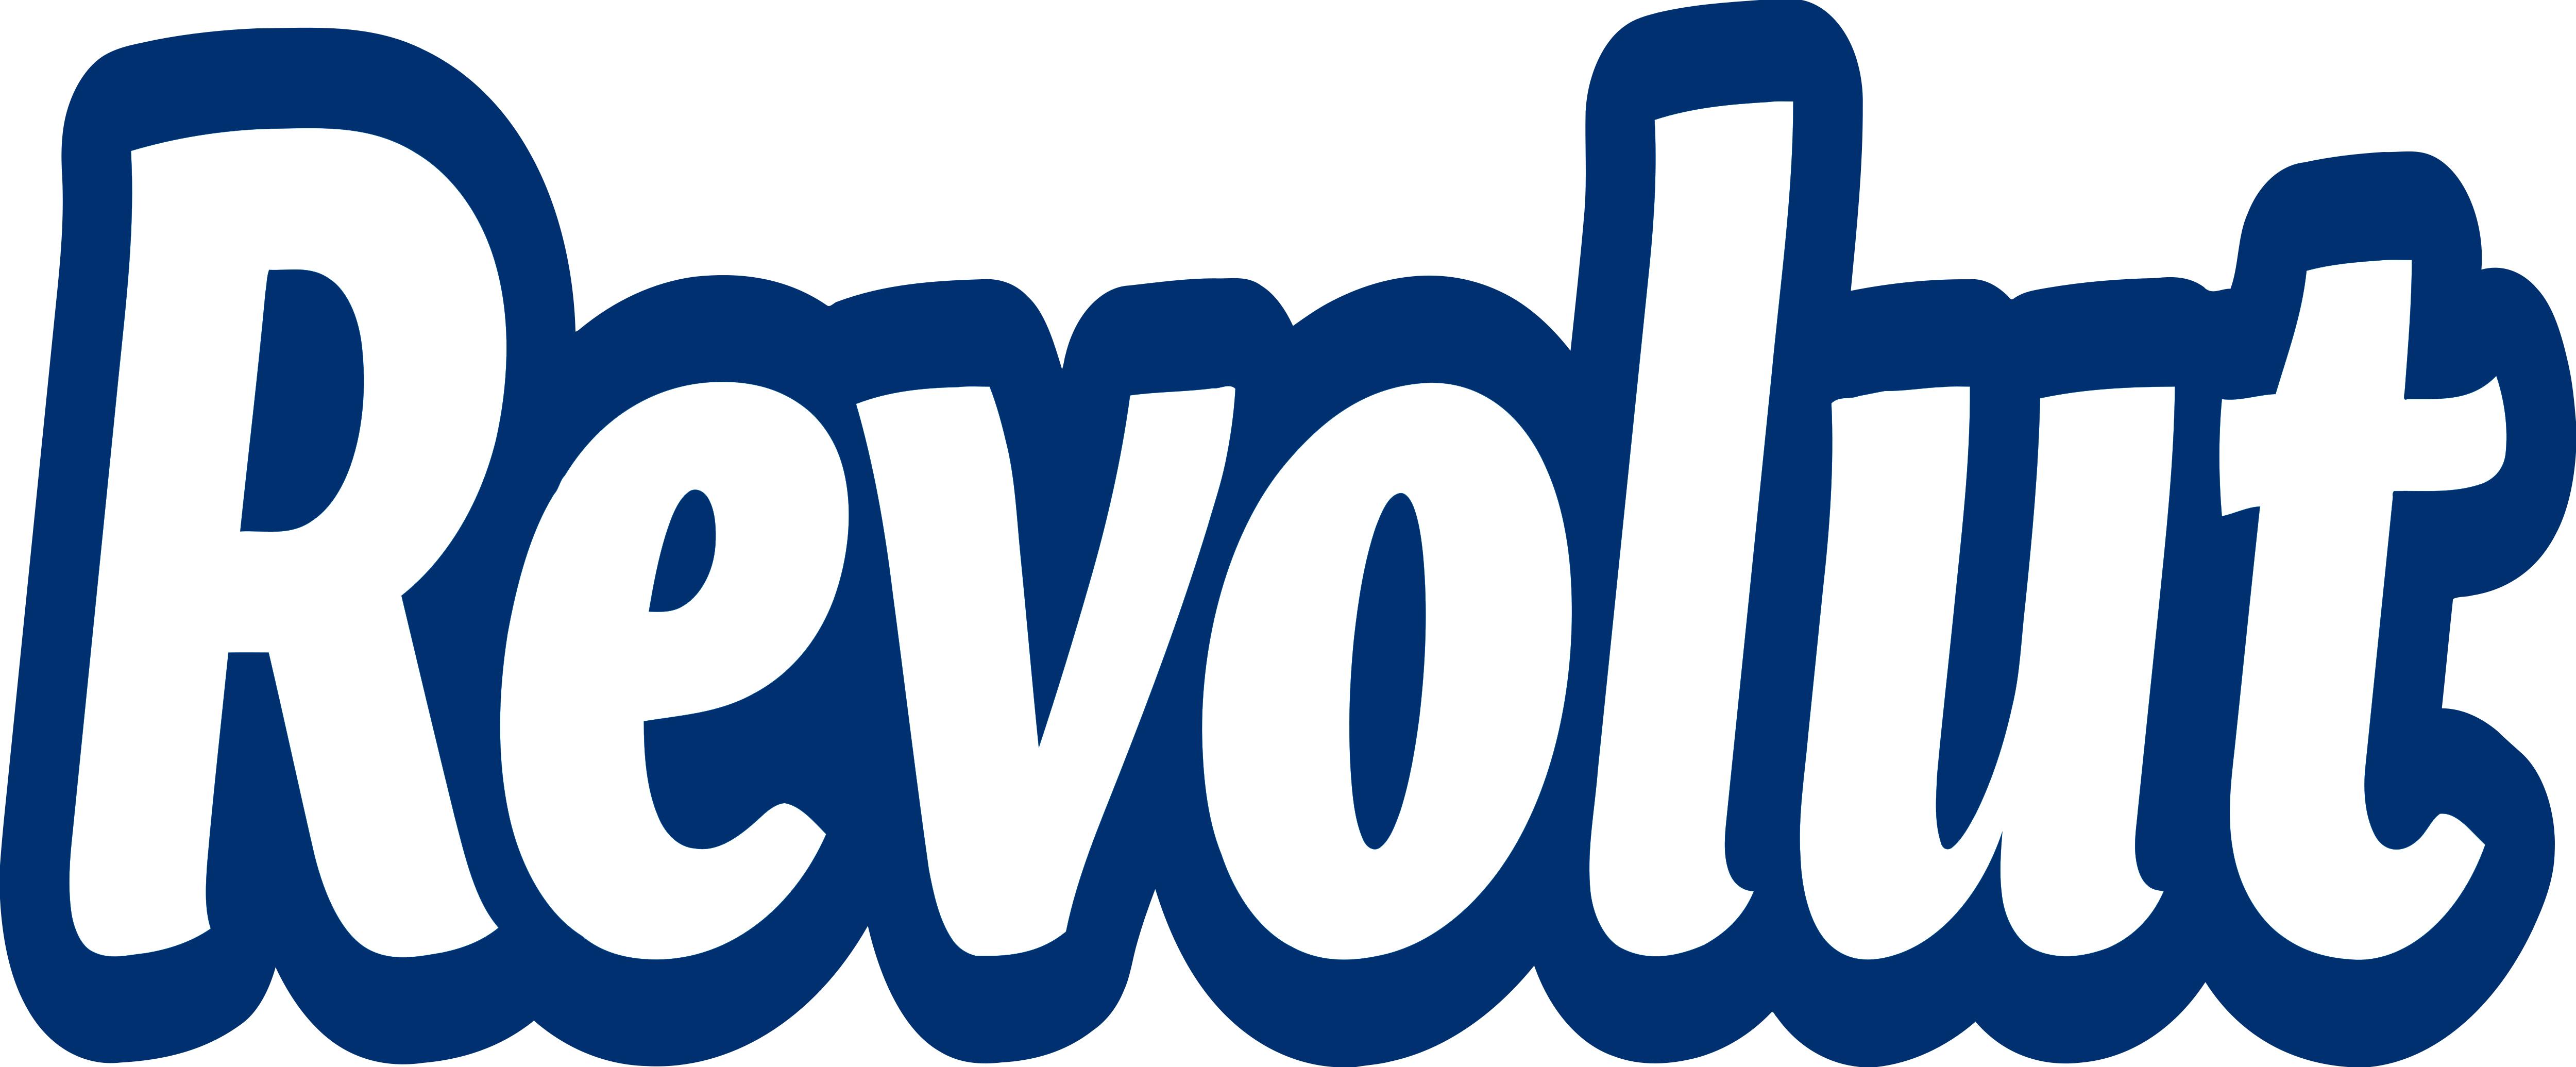 Revolut New Logo - Offer 2 Check